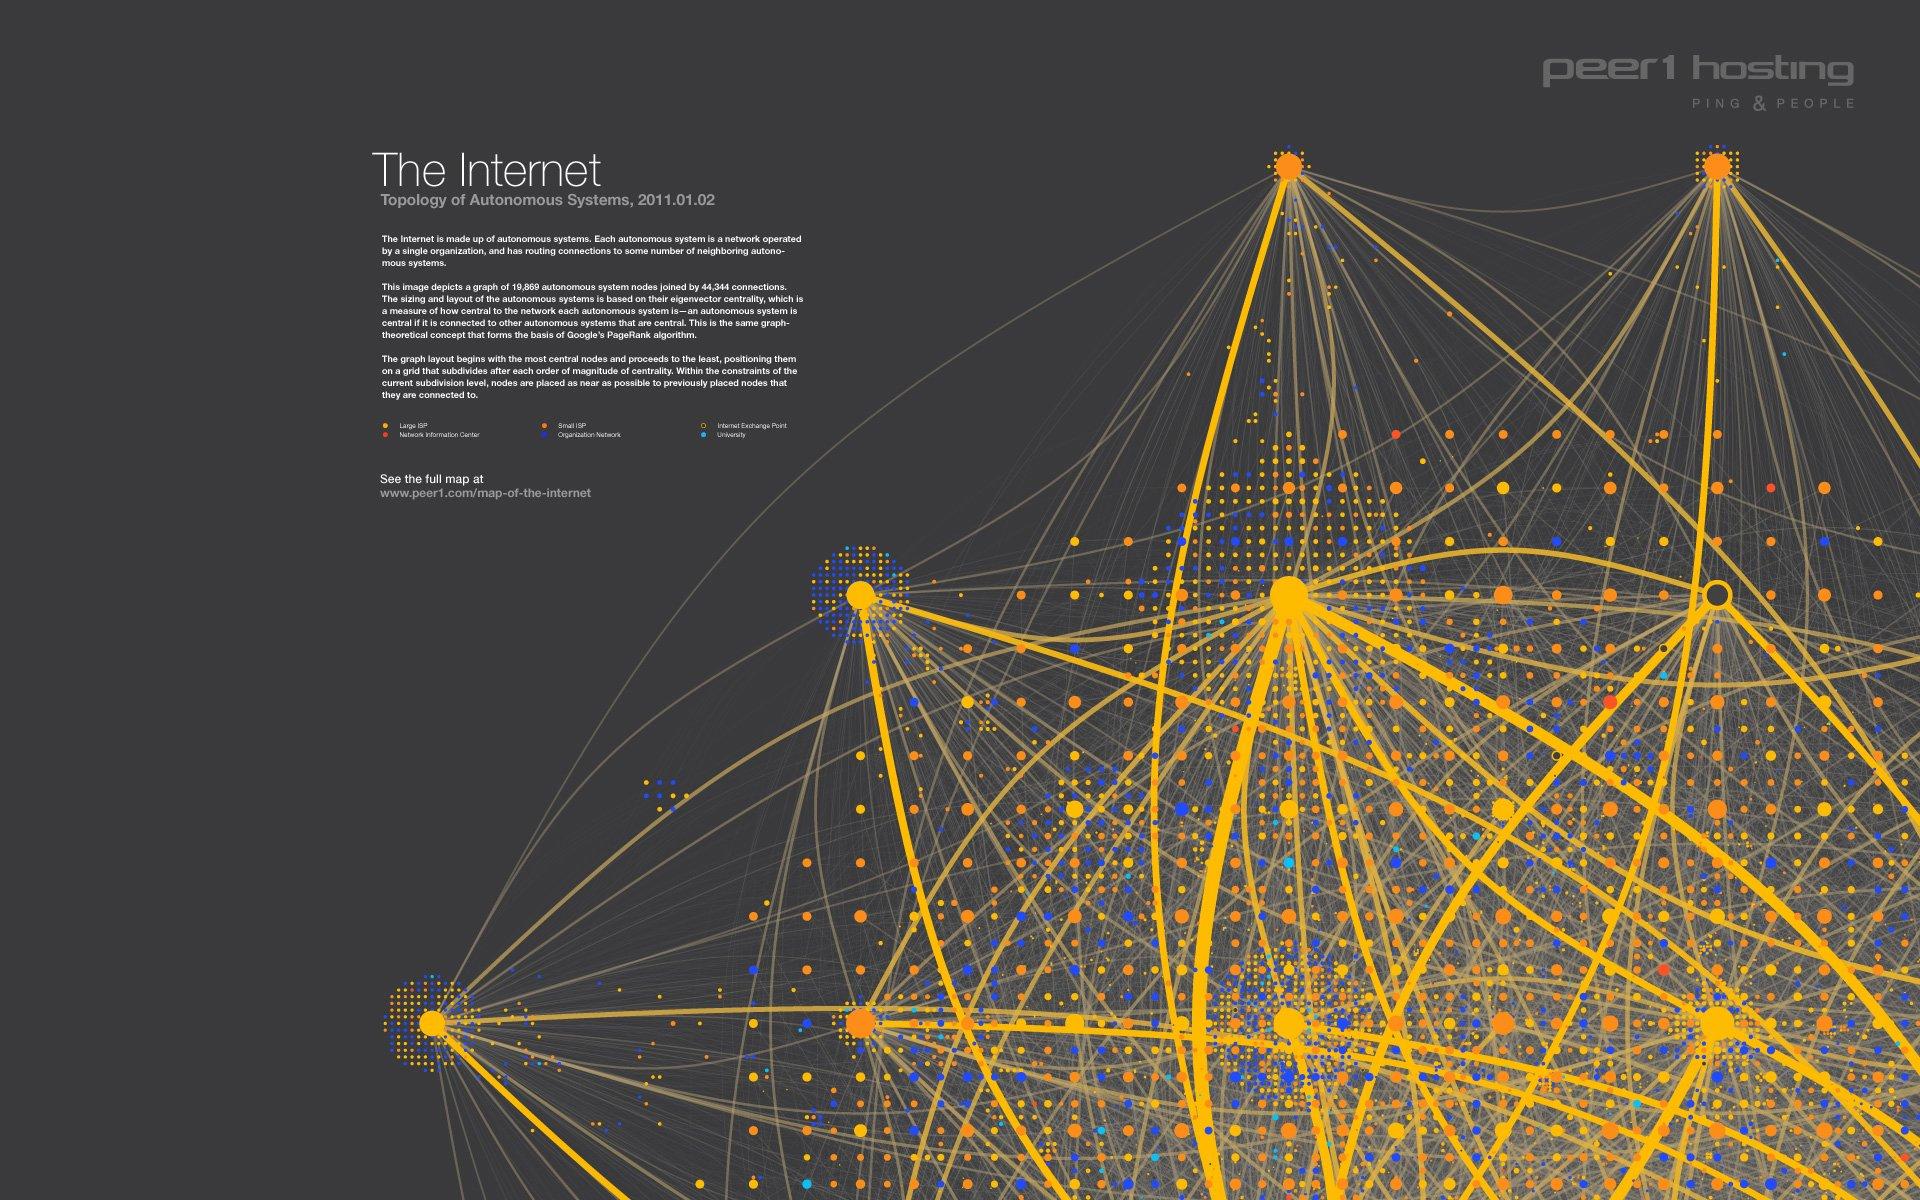 map-of-the-internet-peer-1-hosting.jpg (1920×1200)